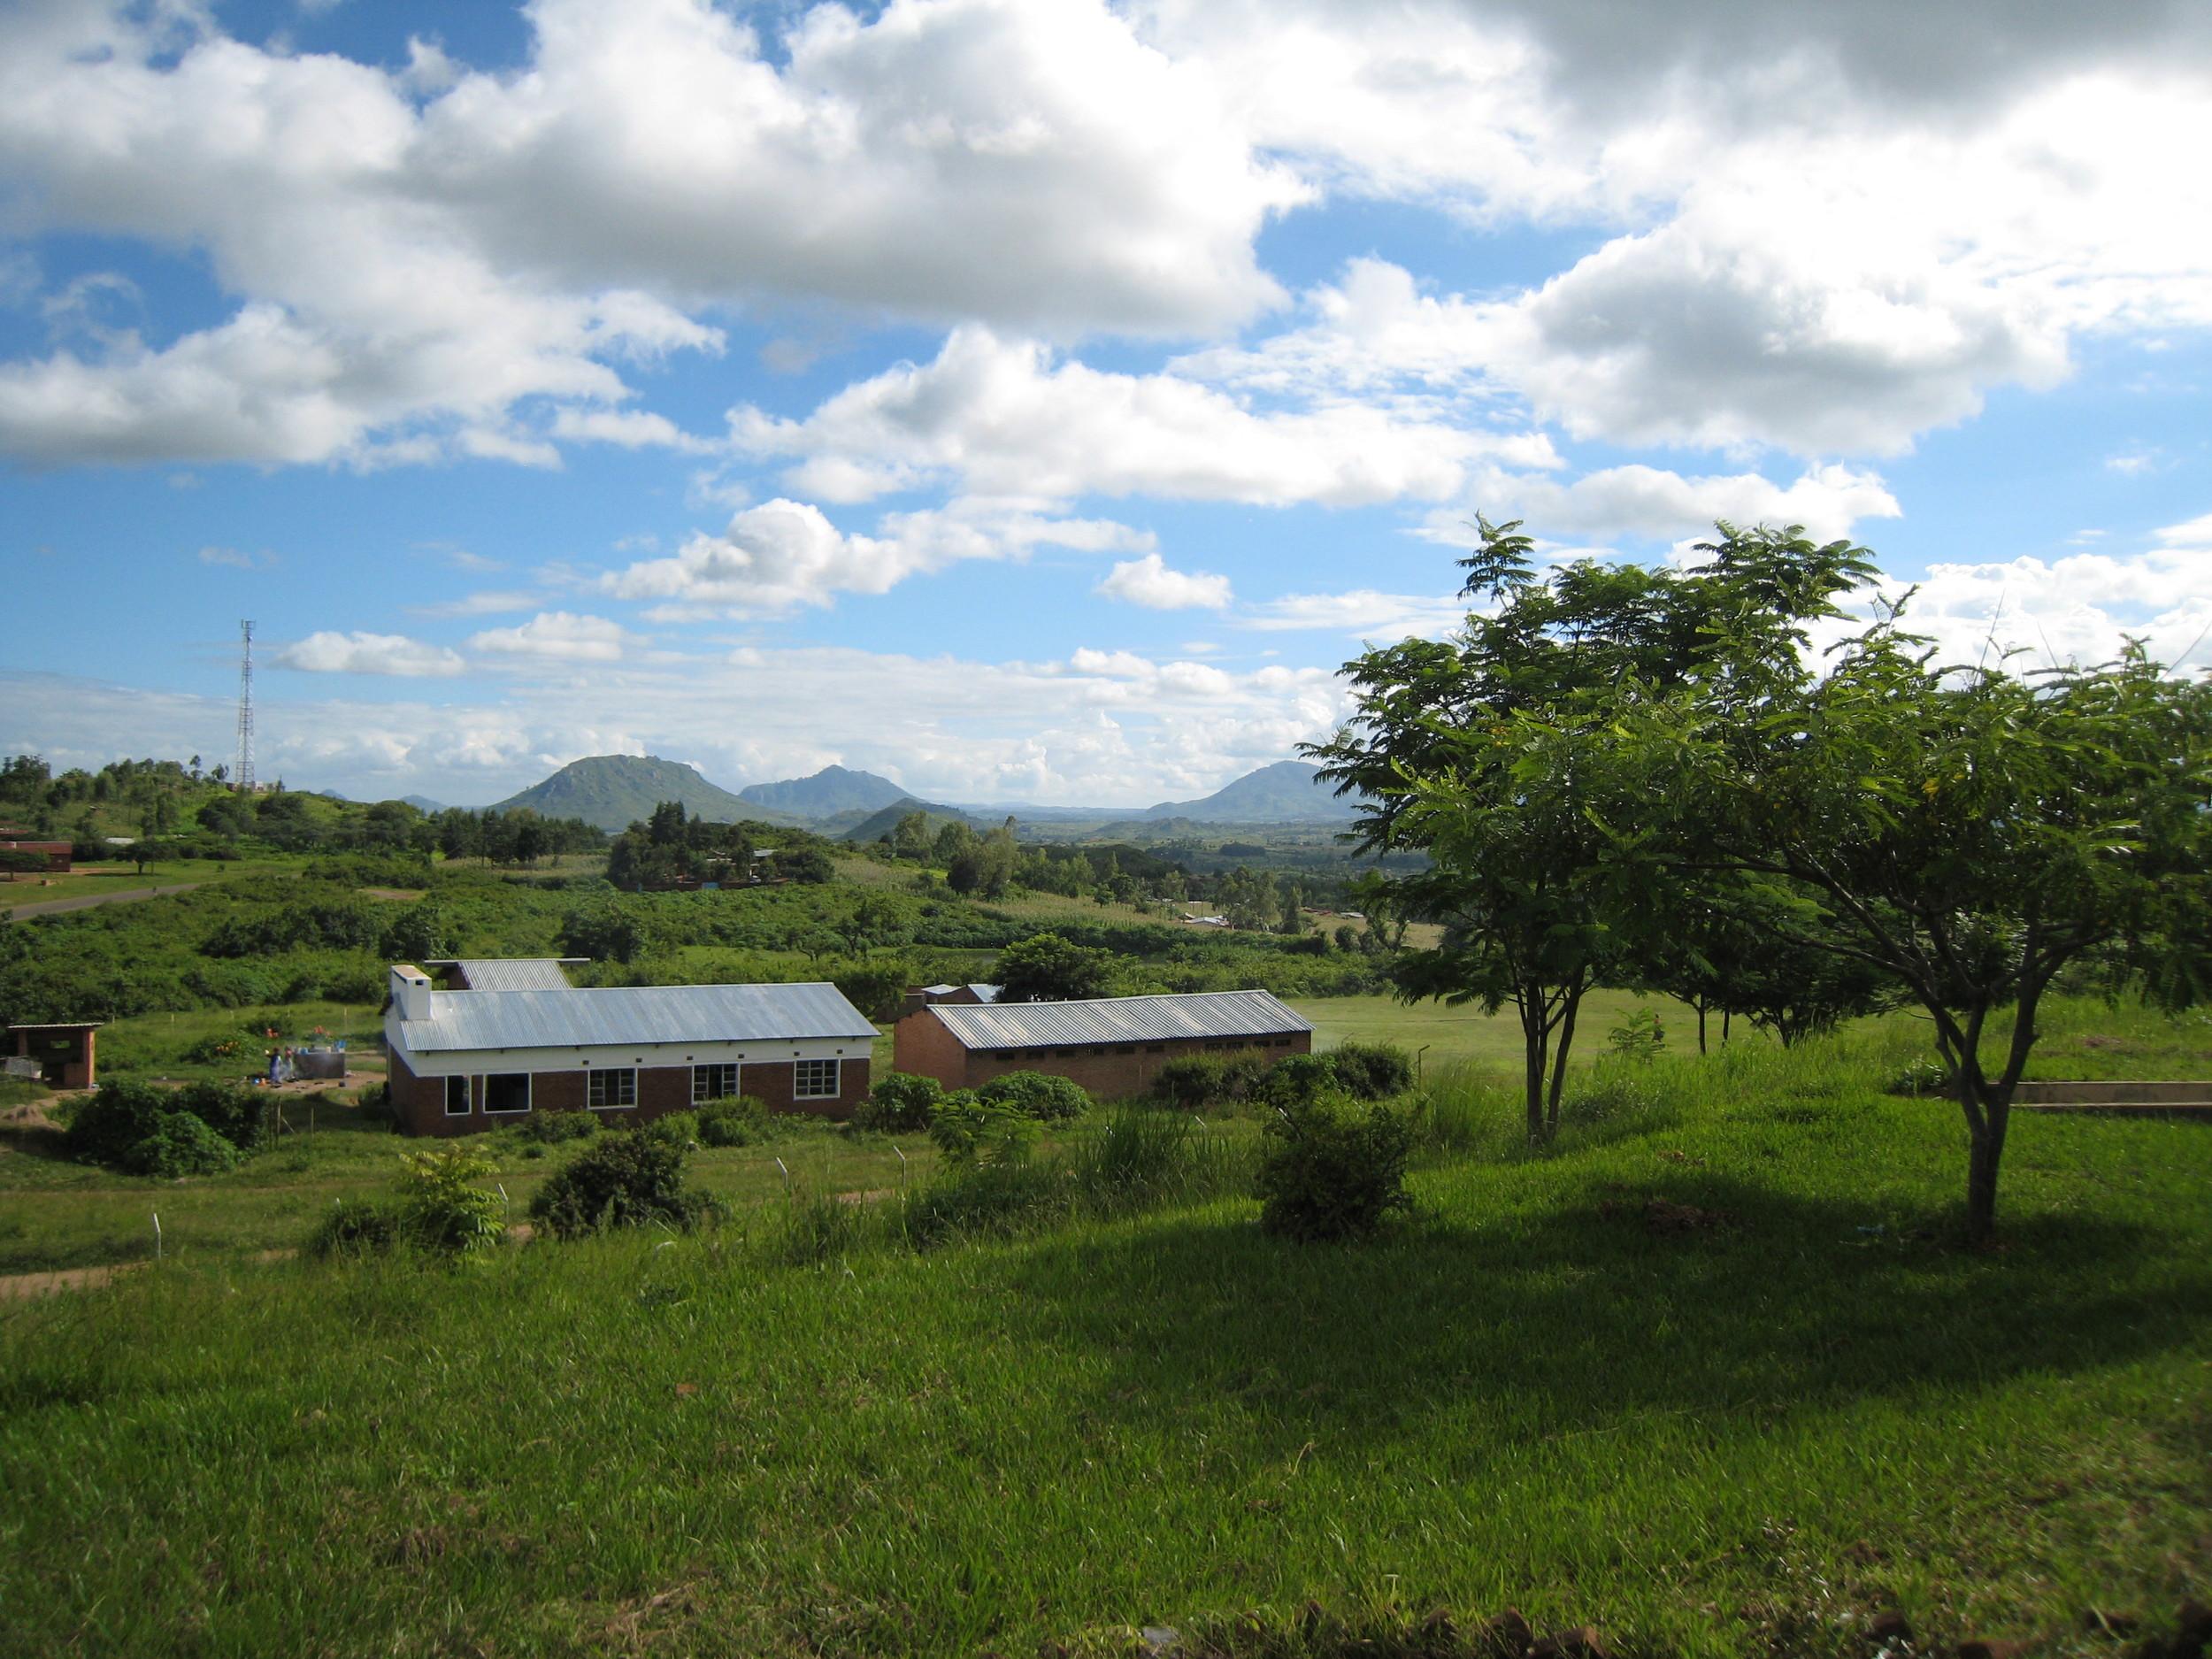 Chiradzulu, Malawi